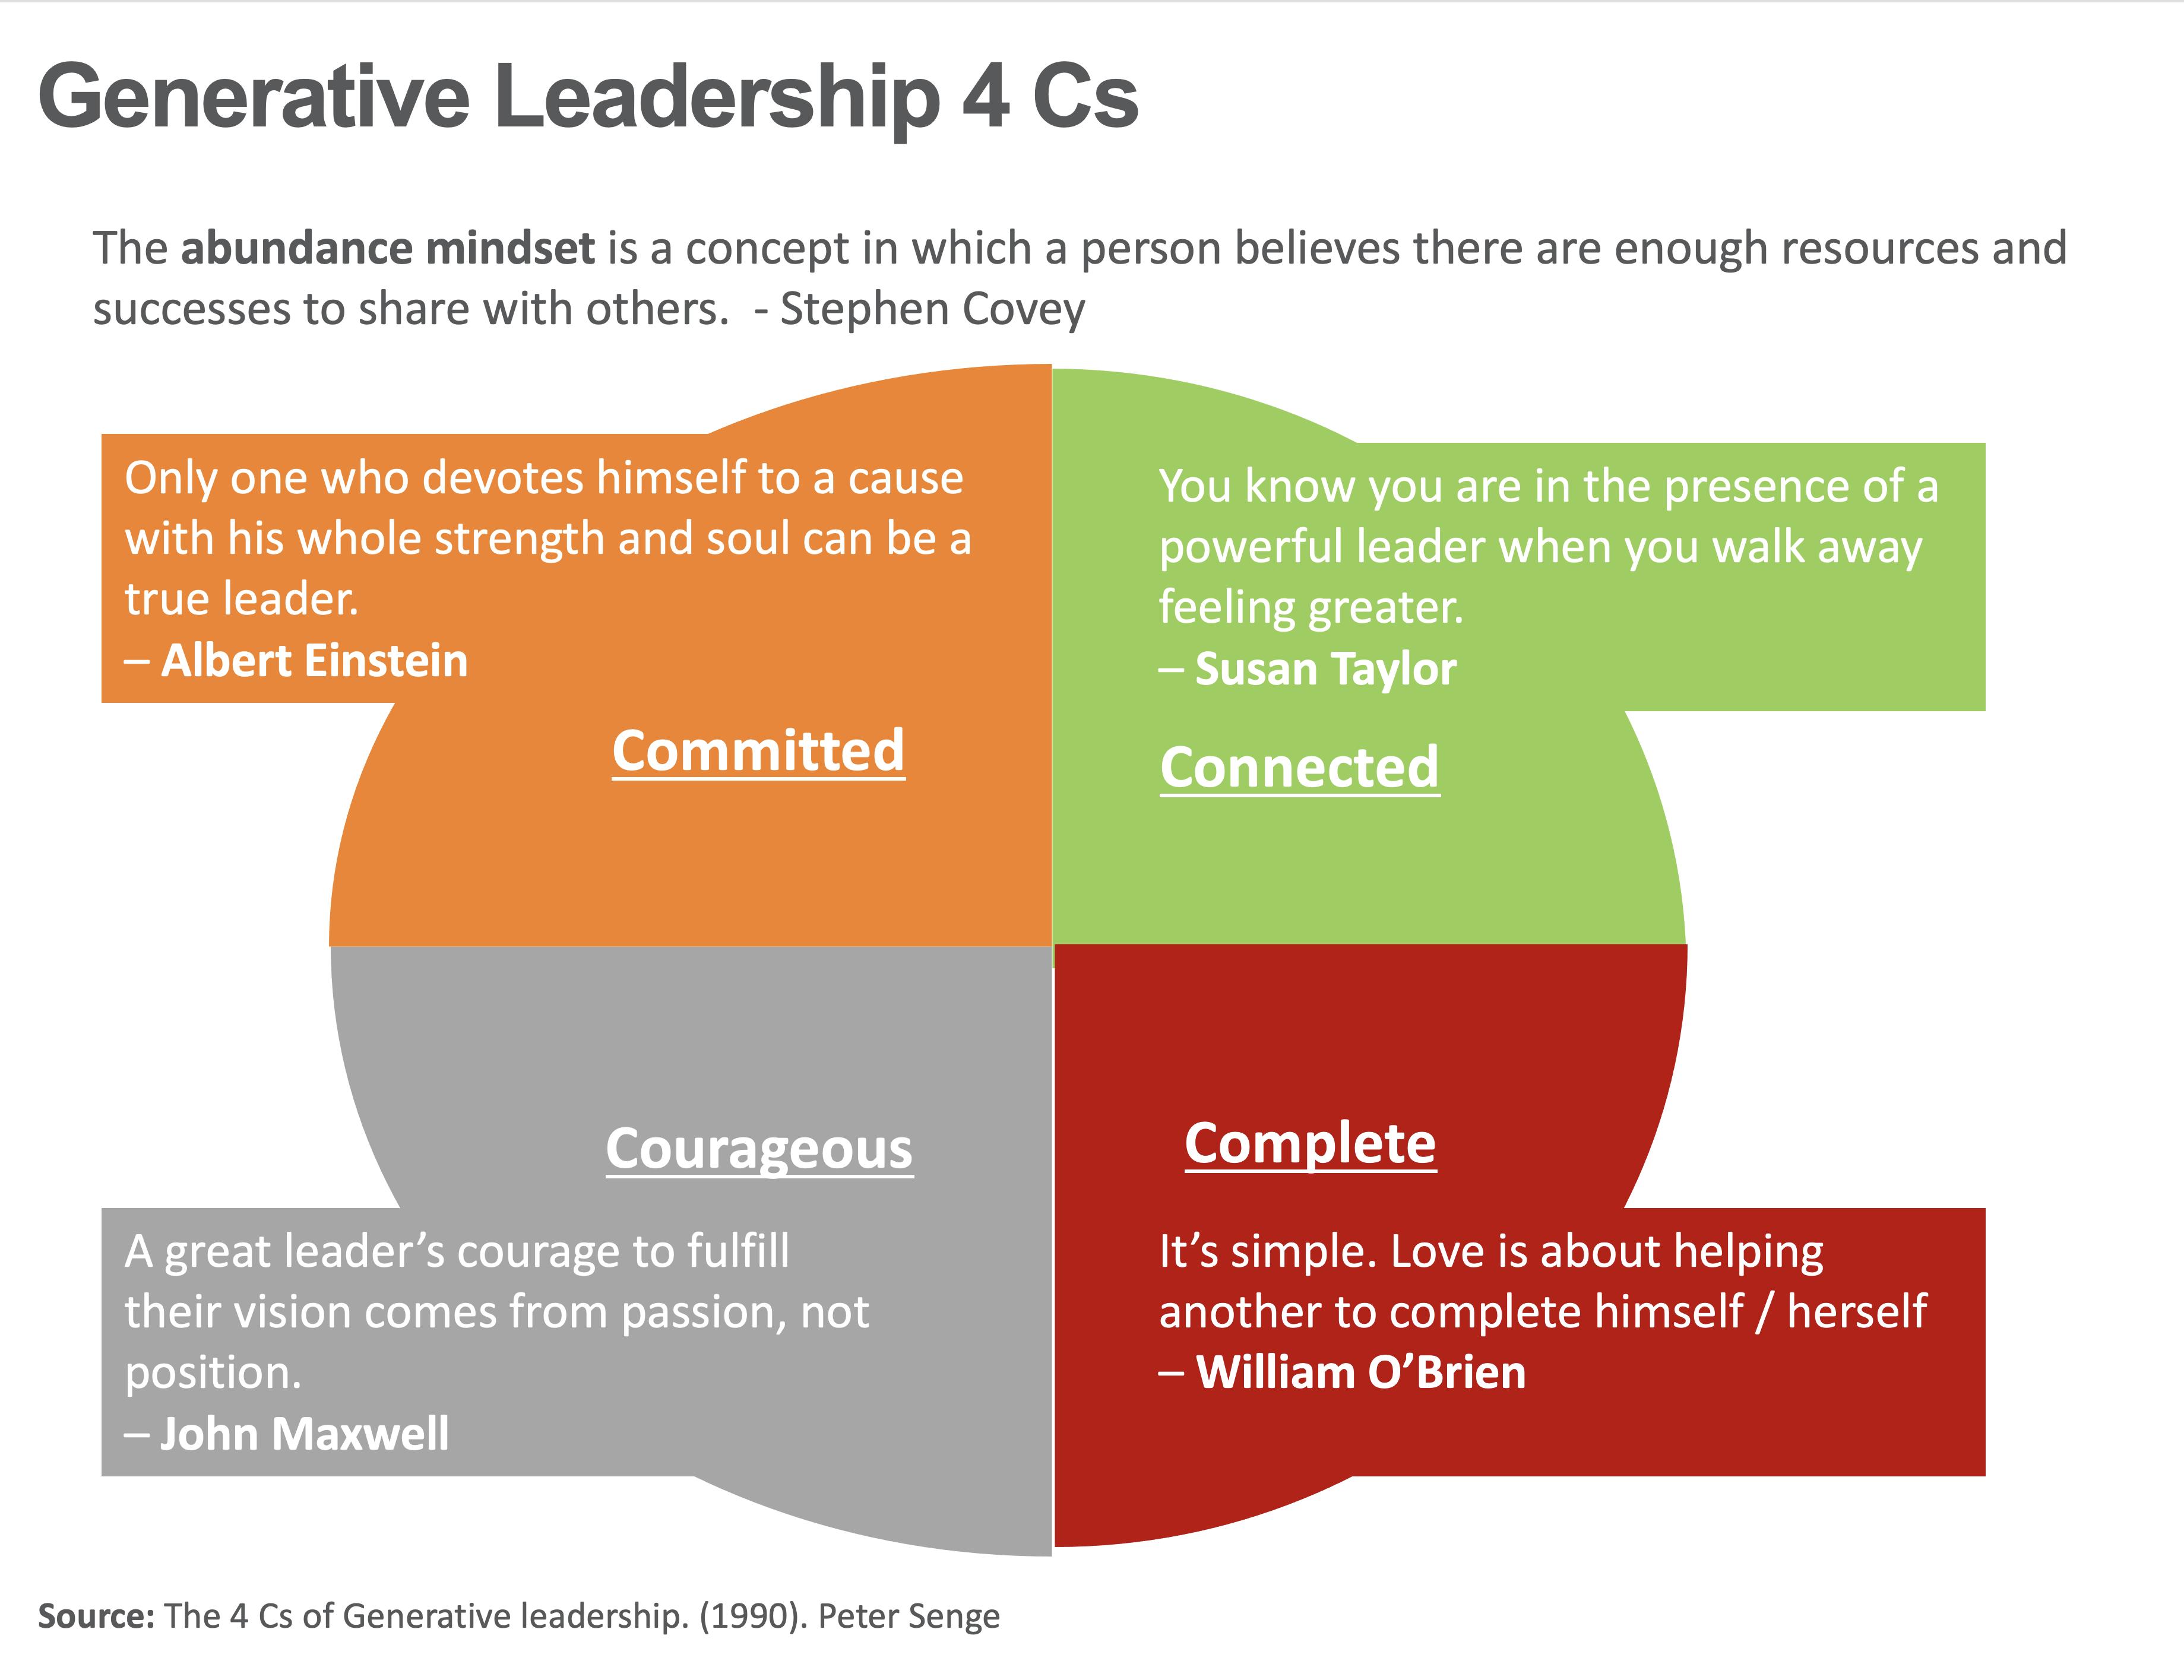 Generative Leadership 4Cs